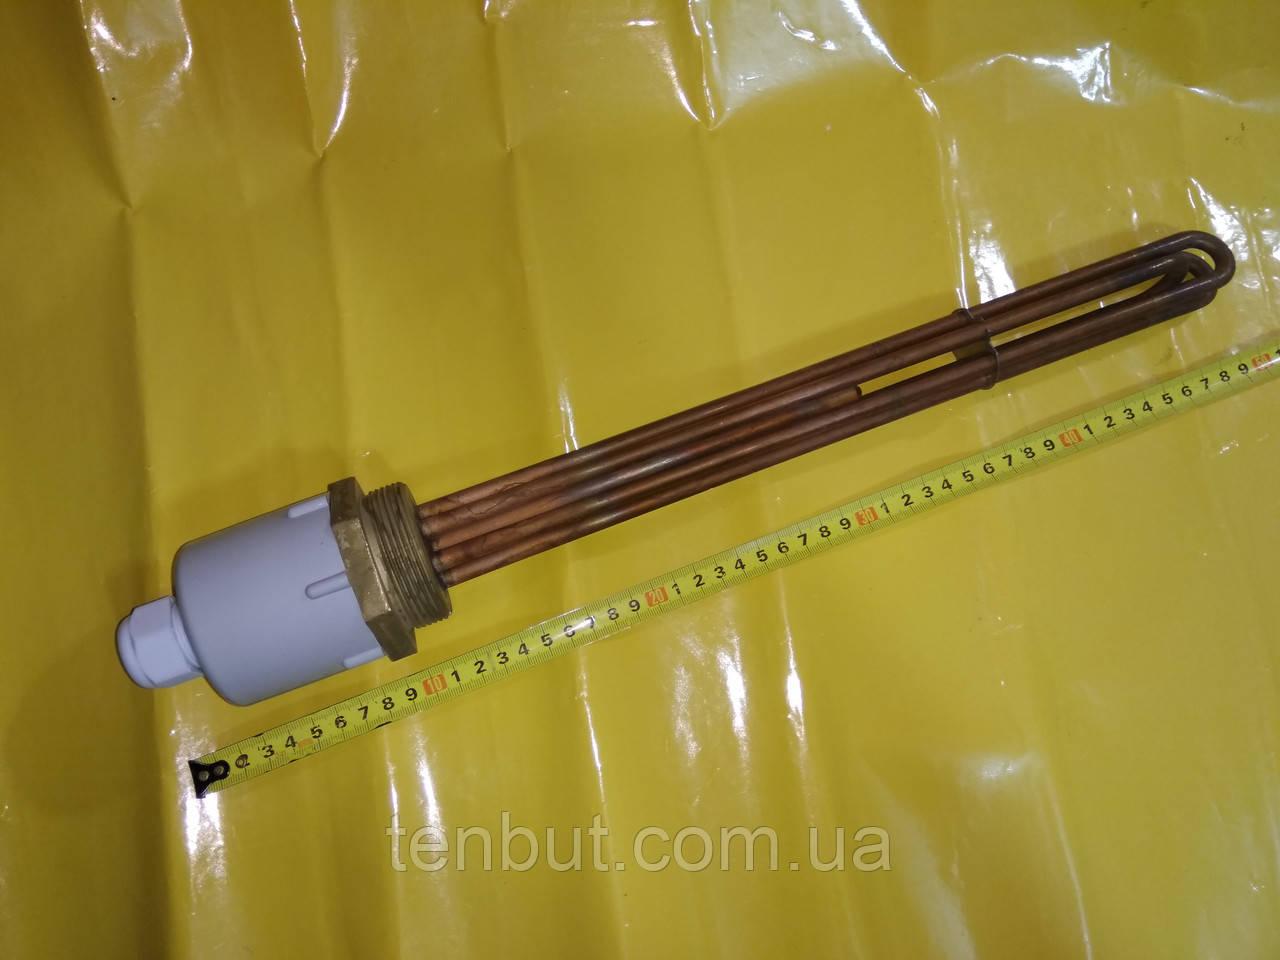 """Блок ТЭН медный 9.0 кВт./2.0"""" дюйма / 380 В./ L-400 мм. производитель KAWAI"""